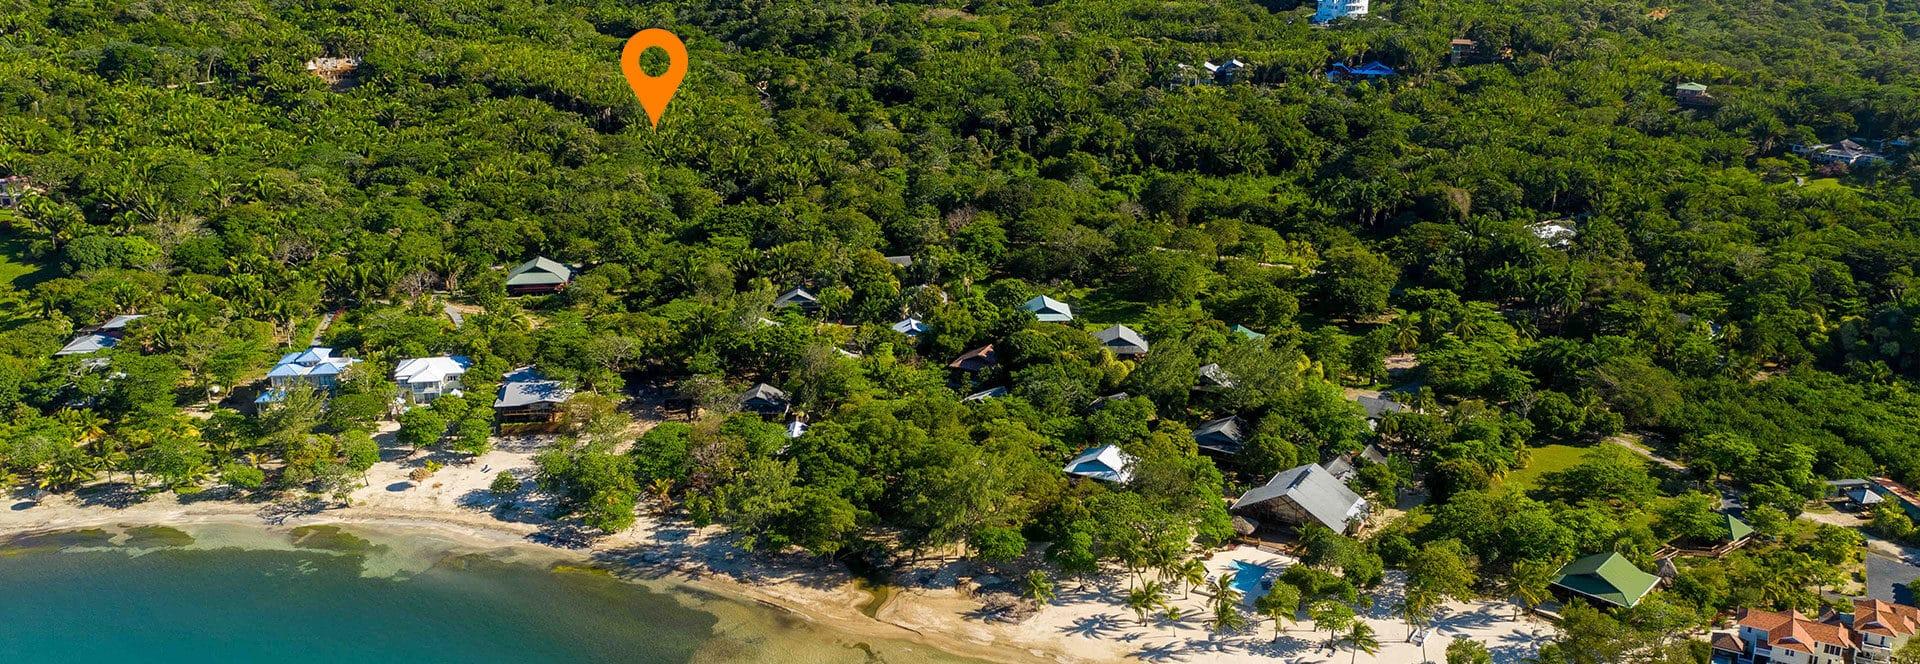 Lot 18-1 Palmetto Bay Plantation, Roatan